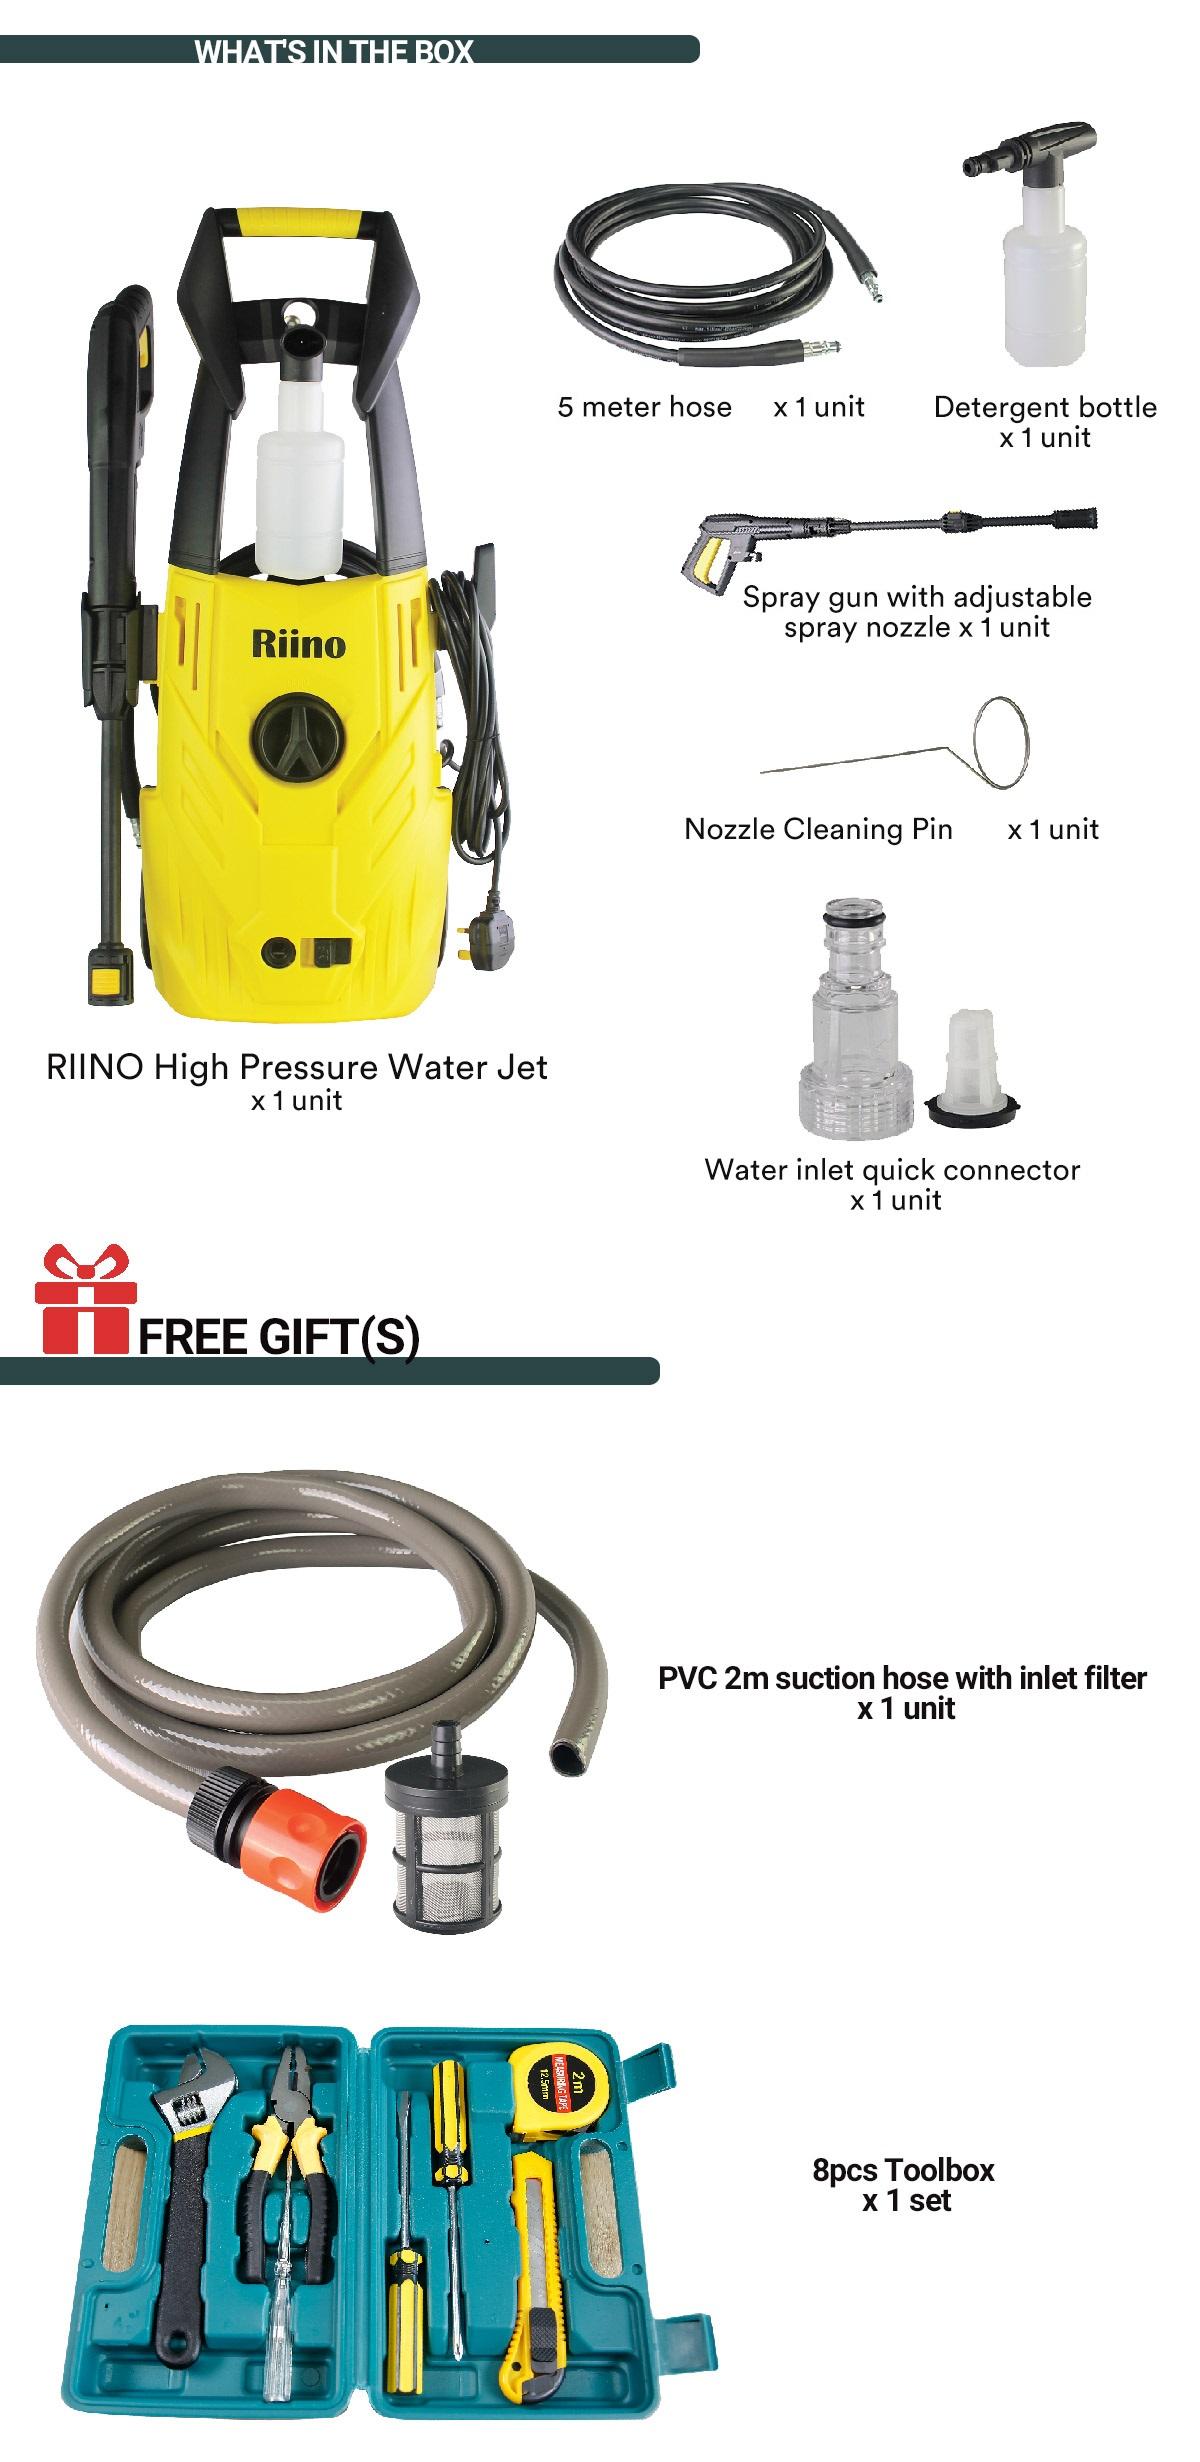 RIINO High Pressure Water Jet